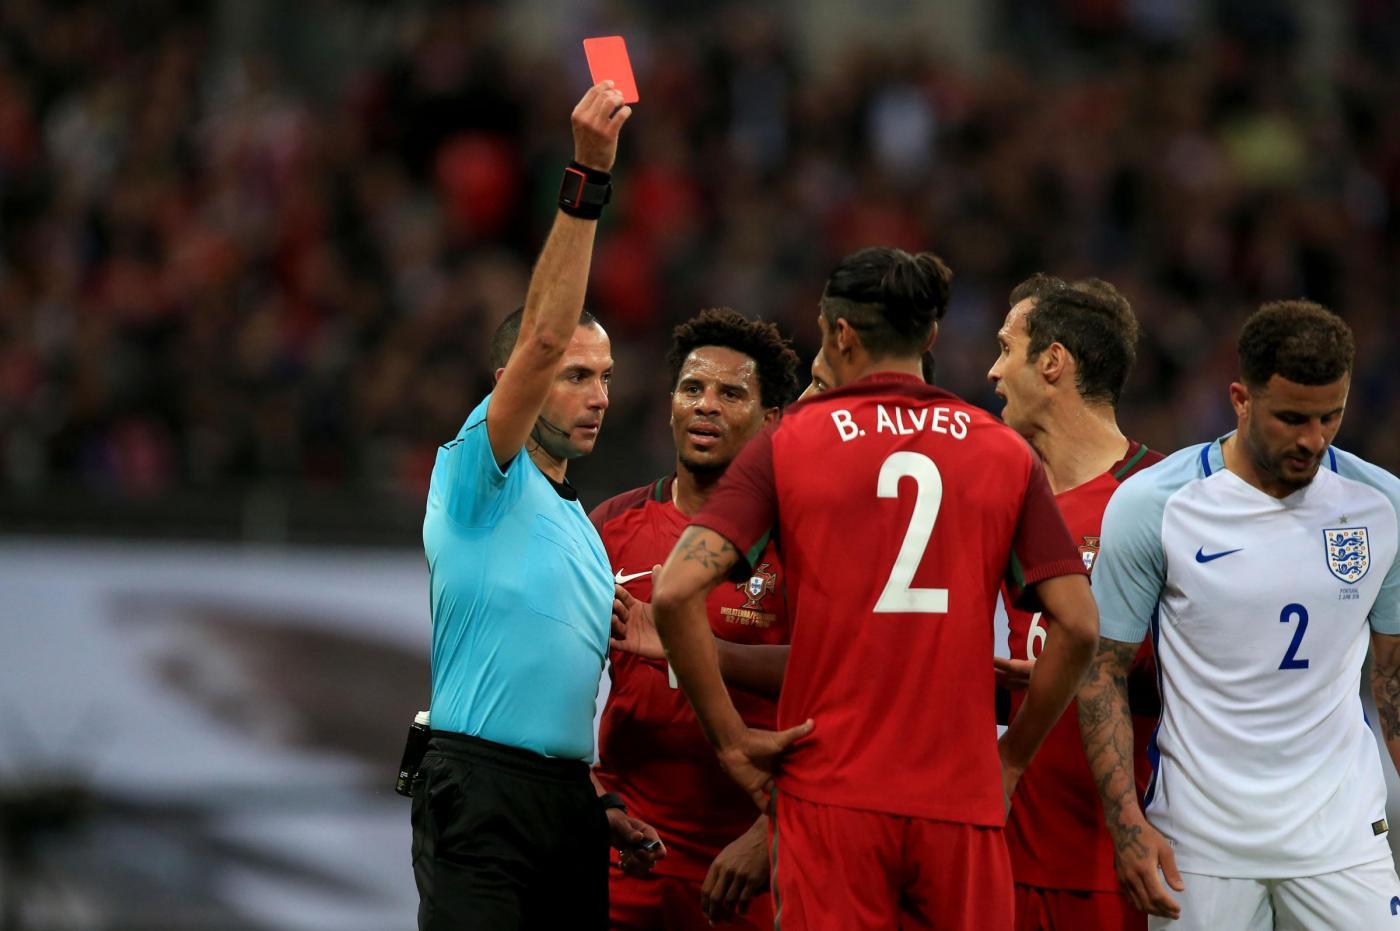 Inghilterra-Portogallo, rosso per Bruno Alves